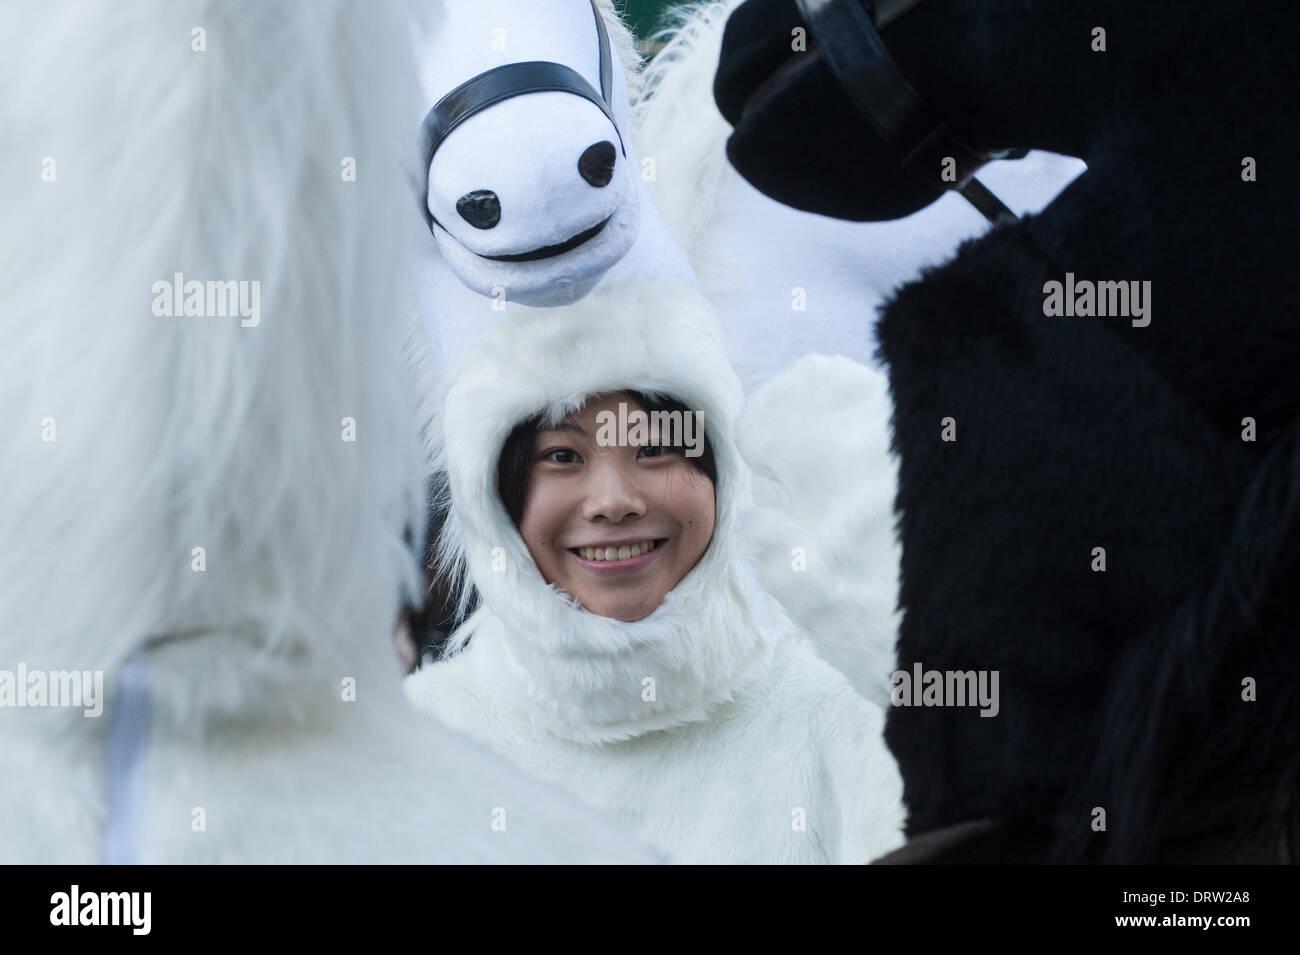 Londres, UK - 2 Février 2014: un reveler se prépare pour la parade annuelle célébrant le Nouvel An chinois, avec 2014 étant l'année du cheval. Credit: Piero Cruciatti/Alamy Live News Photo Stock